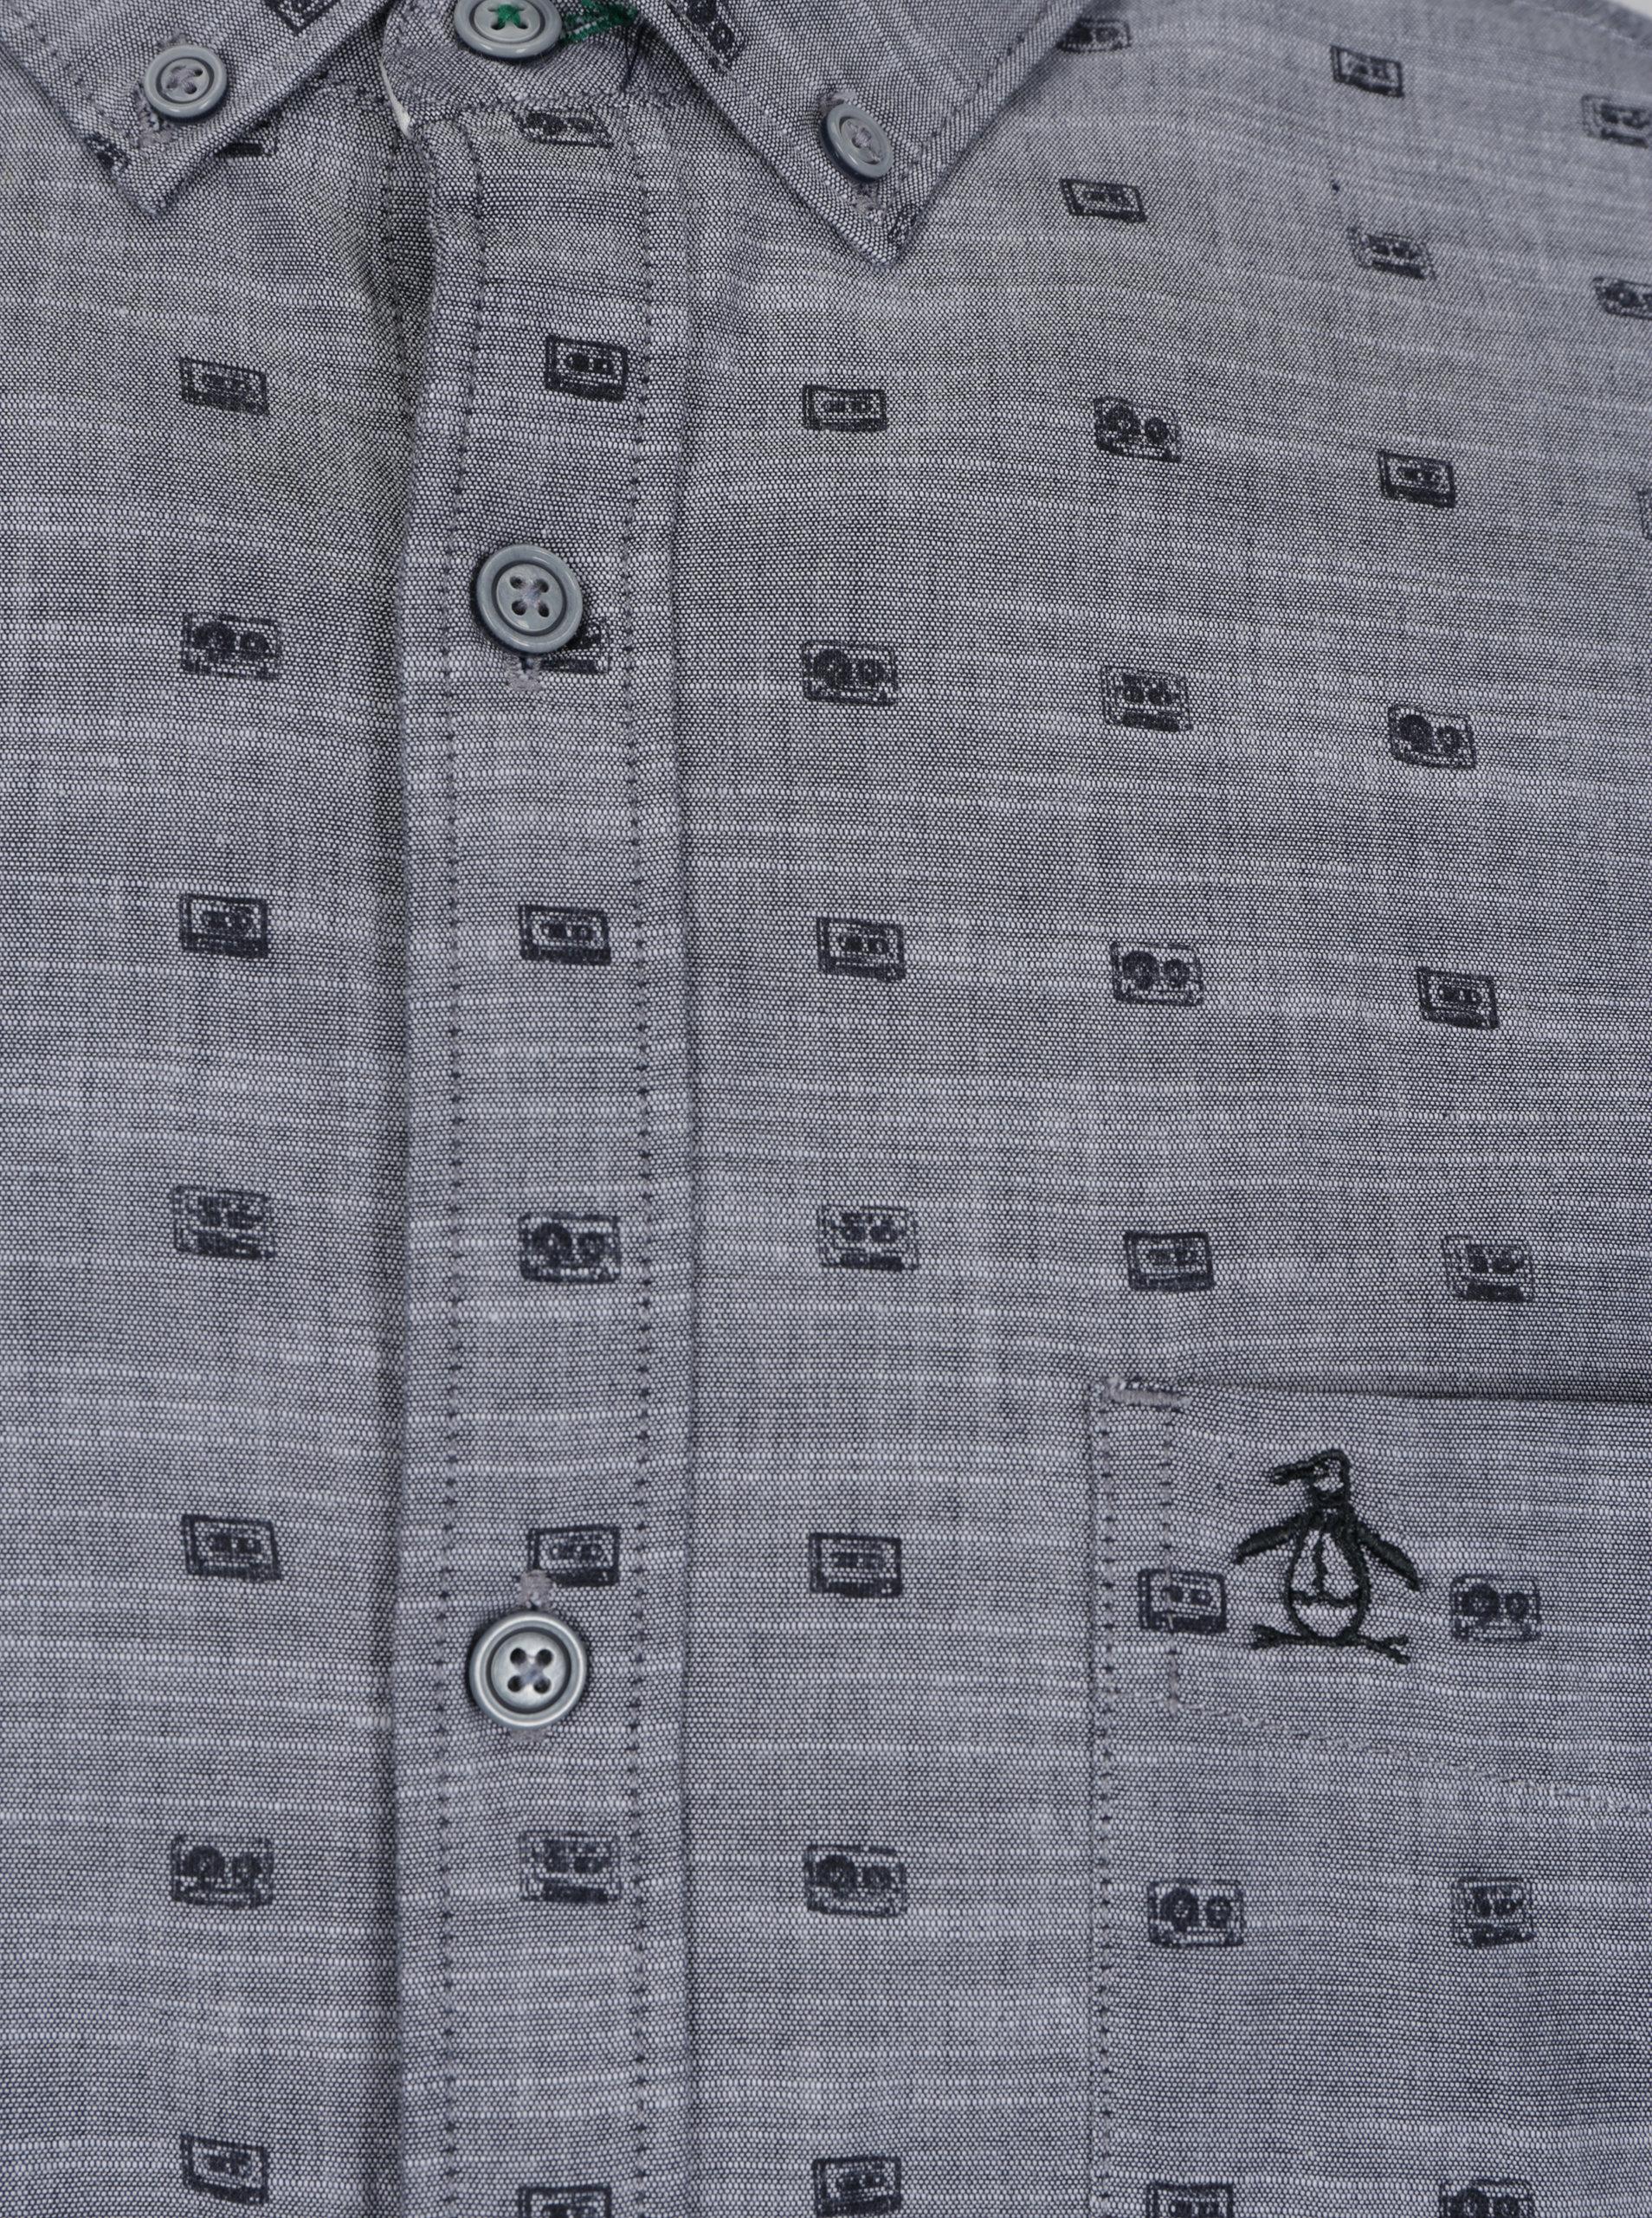 Šedá vzorovaná košile s náprsní kapsou Original Penguin Cassette ... 0c892d2ea3